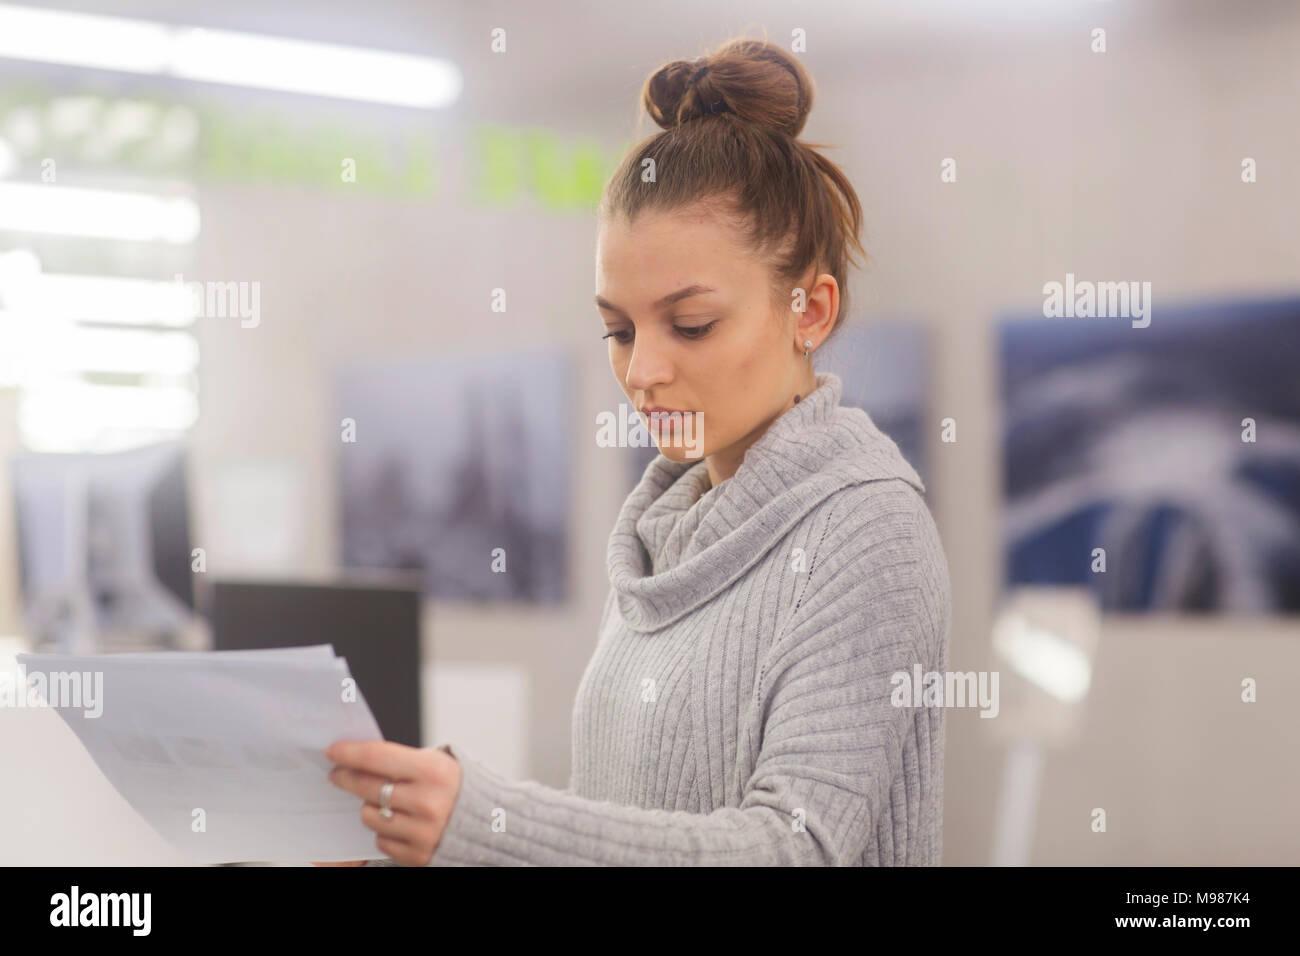 Ritratto di giovane donna che lavora in un ufficio Immagini Stock